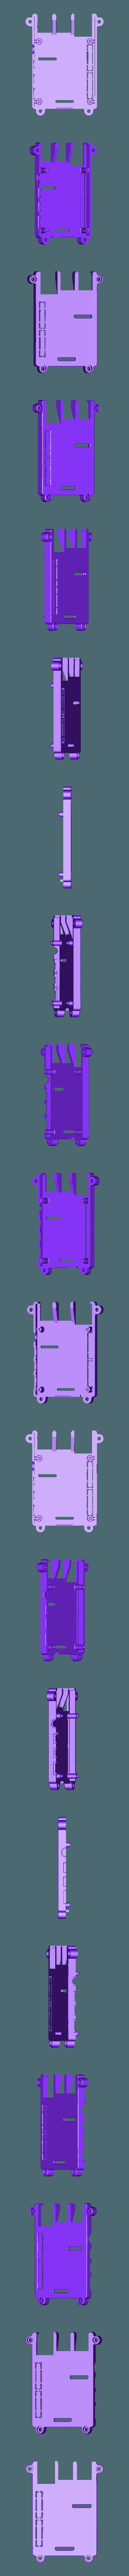 SLIM_SLOTTED_BLANK.STL Télécharger fichier STL gratuit Étui Pi 4B Framboise Framboise • Objet pour imprimante 3D, mkellsy